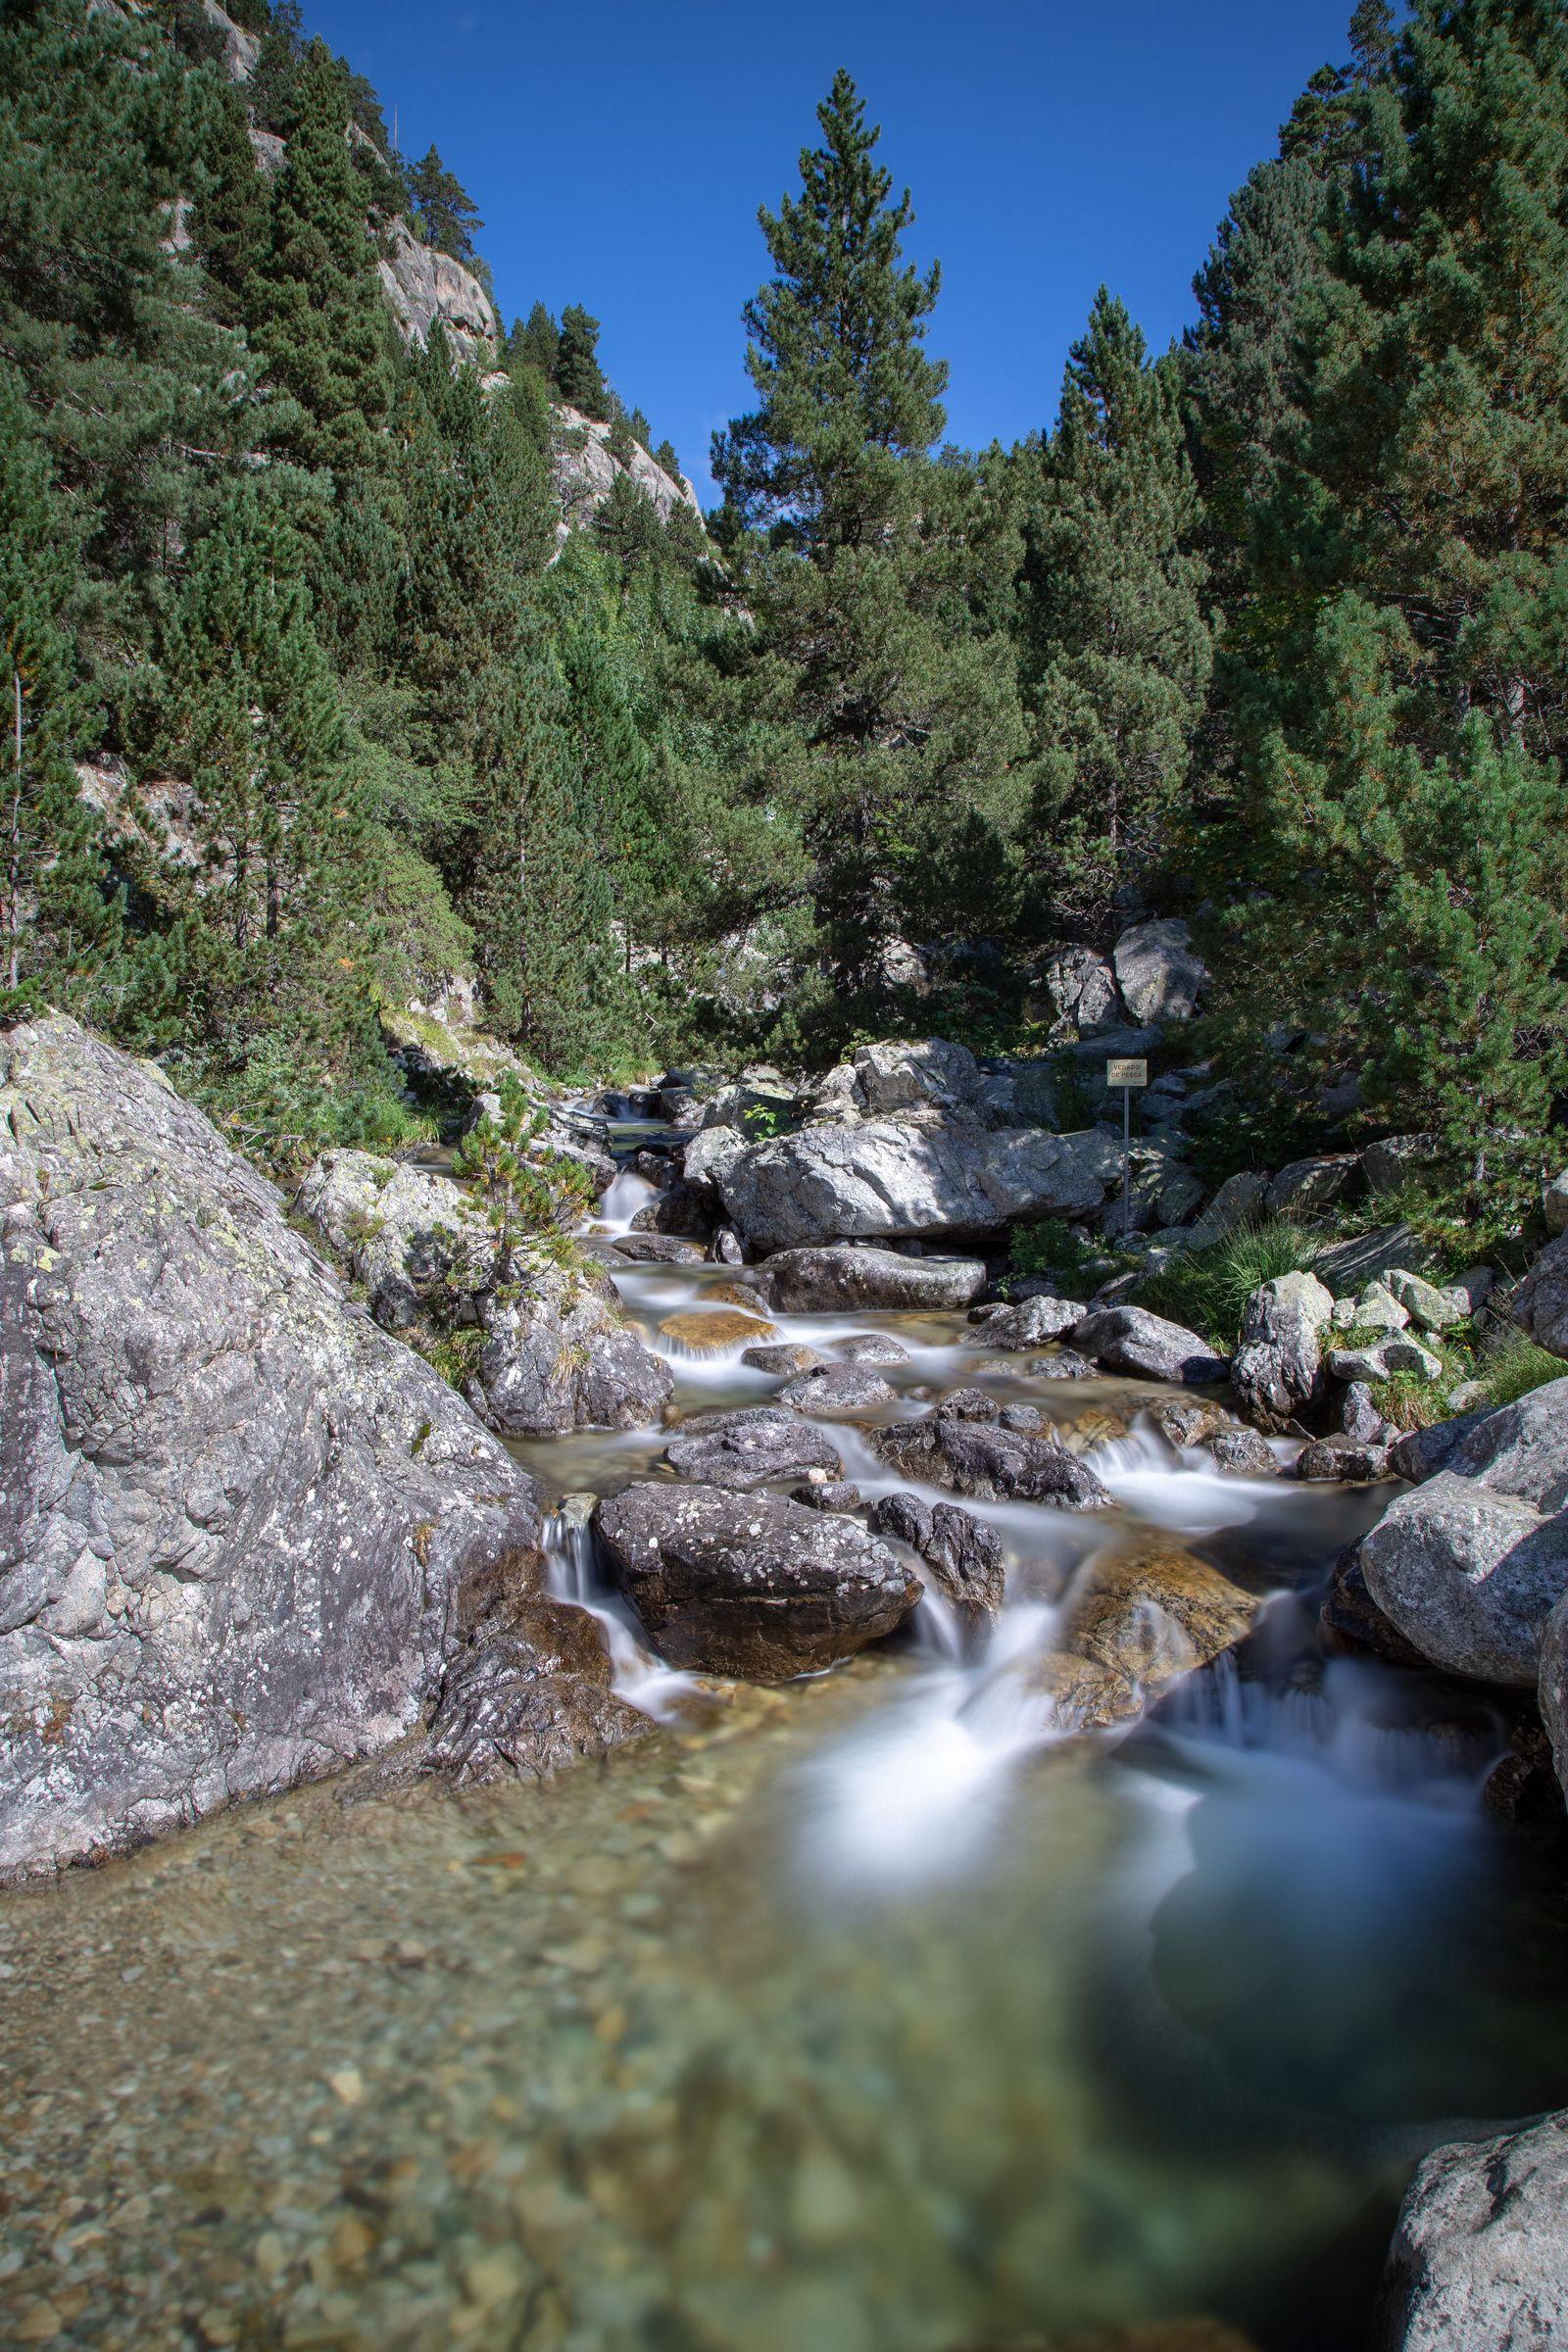 Una pausa en el Río Caldarés